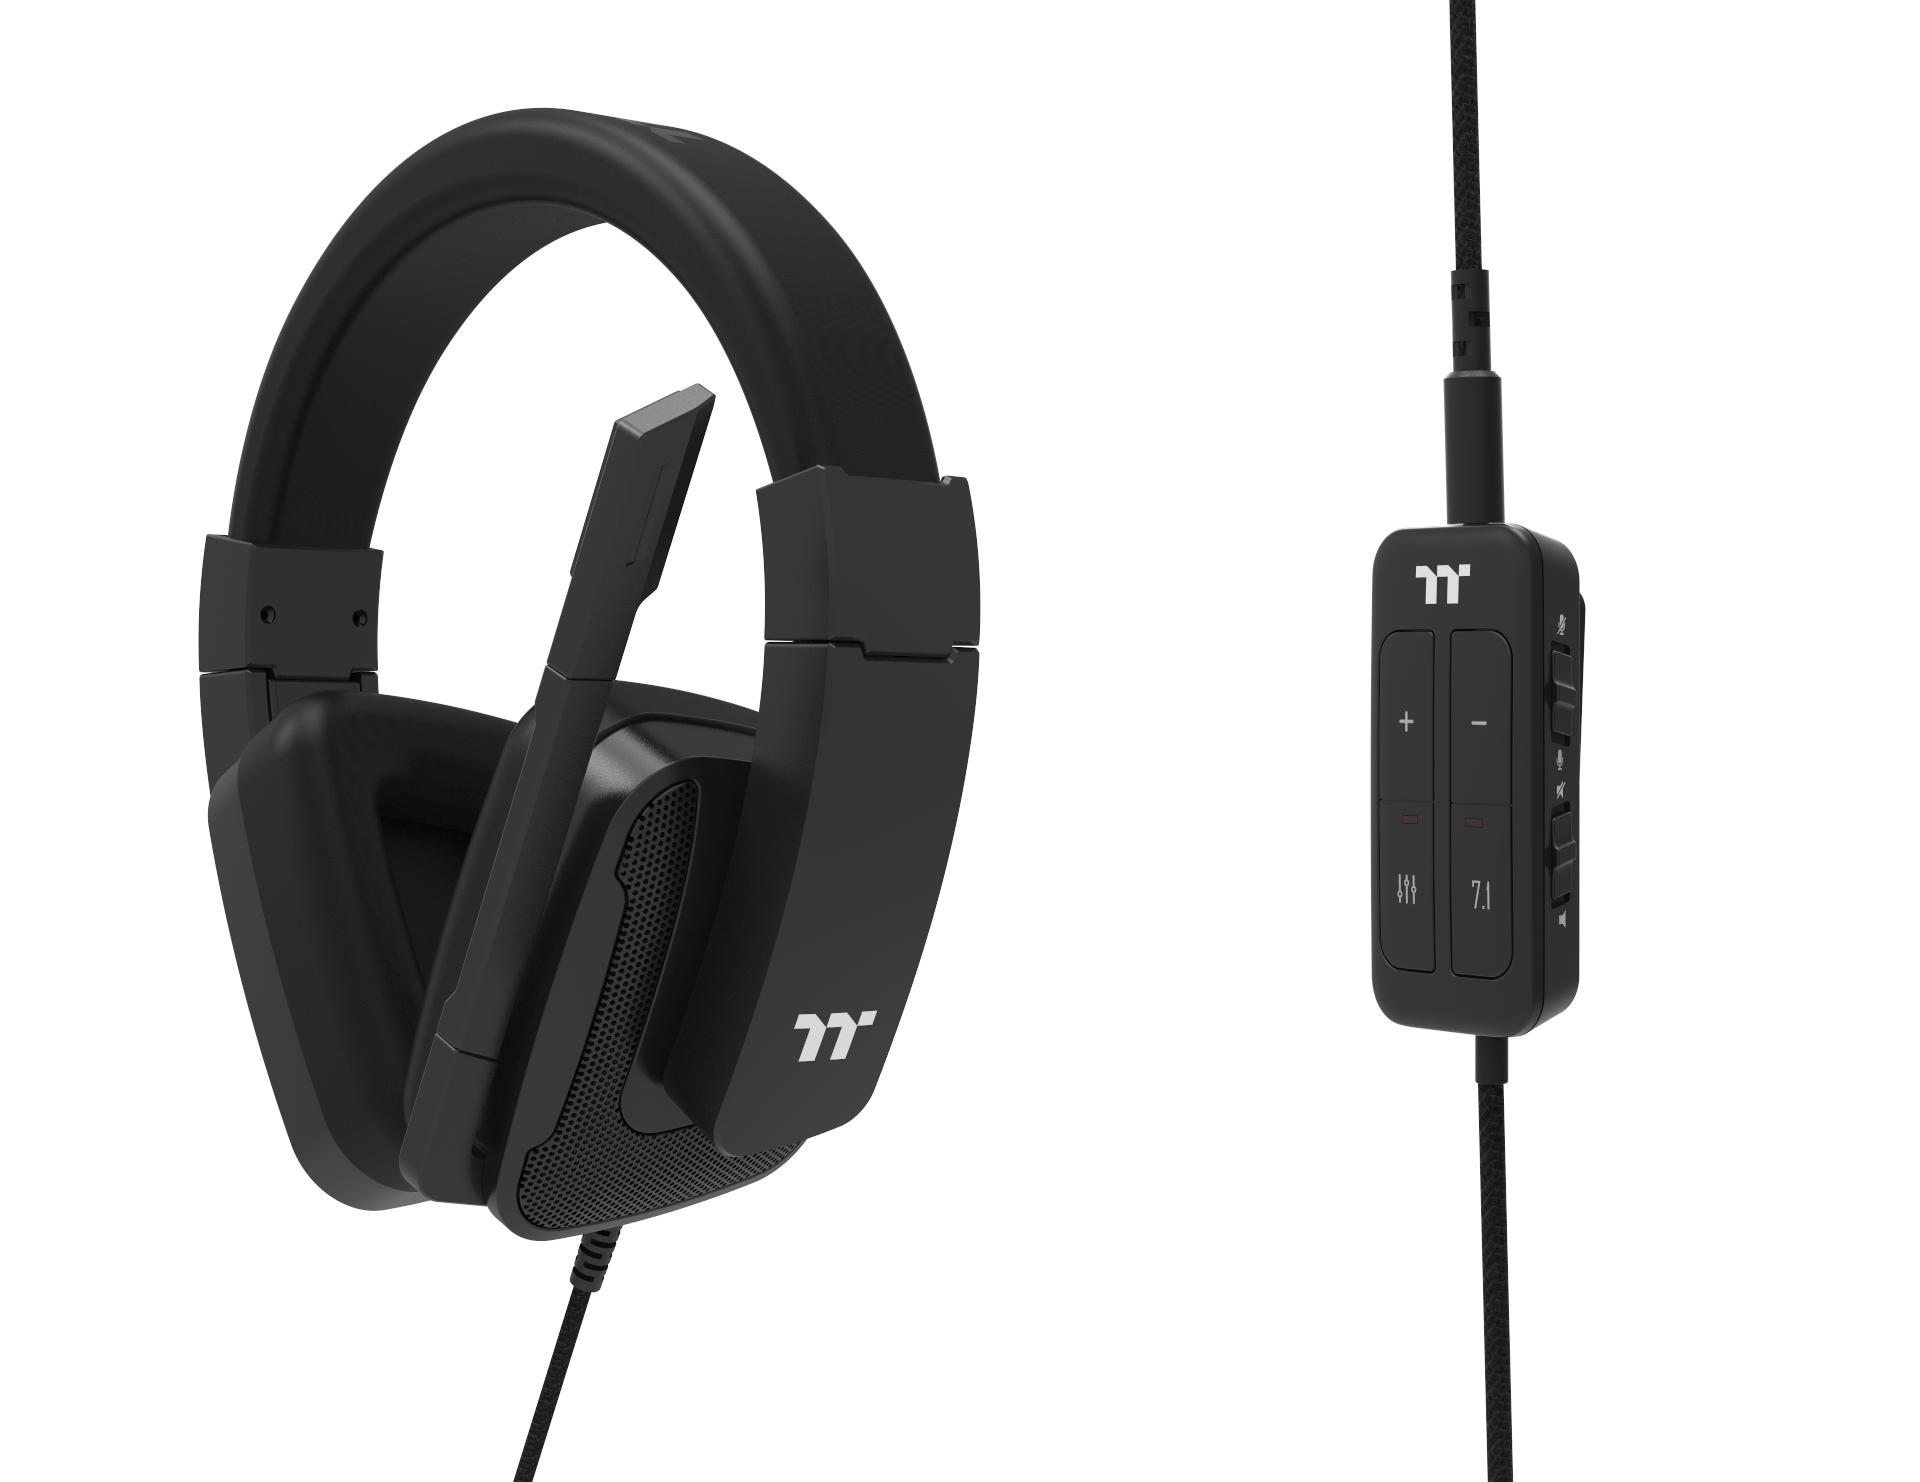 曜越Shock XT 7.1電競耳機